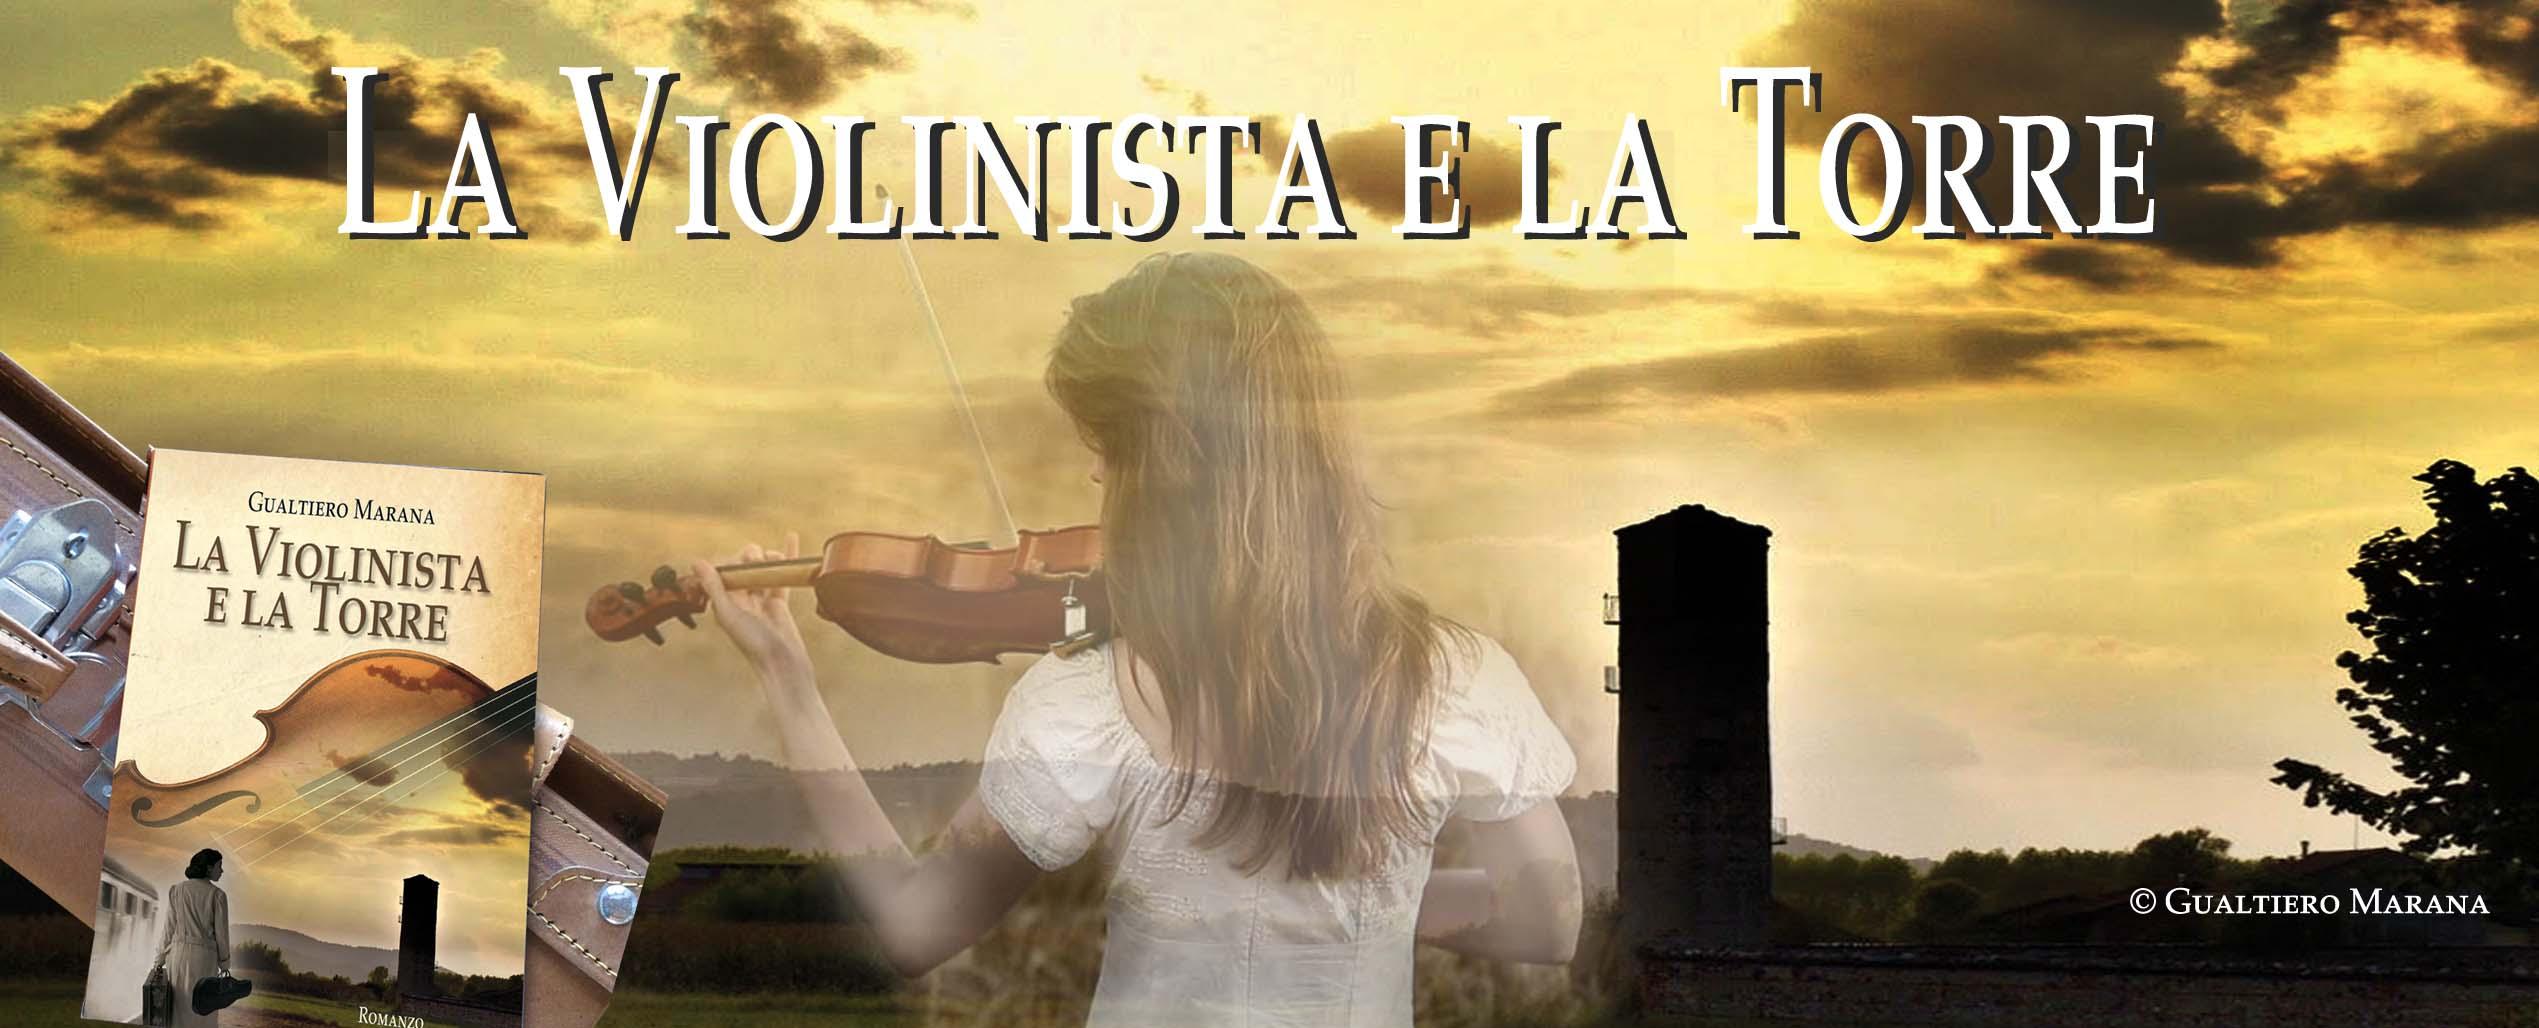 La violinista e la torre-libro